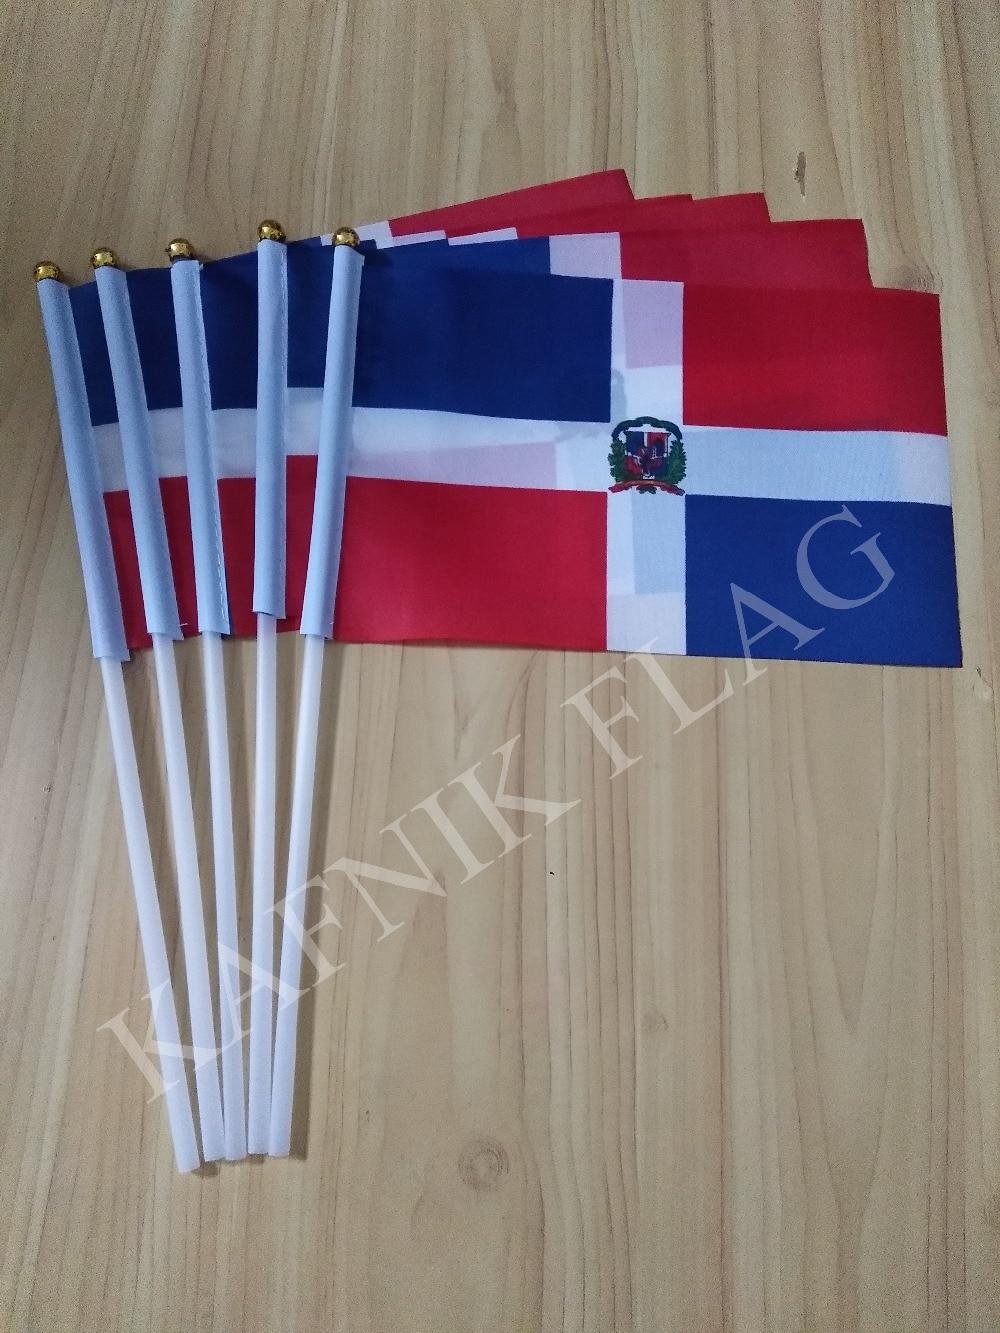 5 Stücke 14*21 Cm Dominikanische Republik Hand Flagge Dominikanische Republik Nationalen Flagge Kostenloser Versand Kafnik Fahnen, Banner & Zubehör Haus & Garten